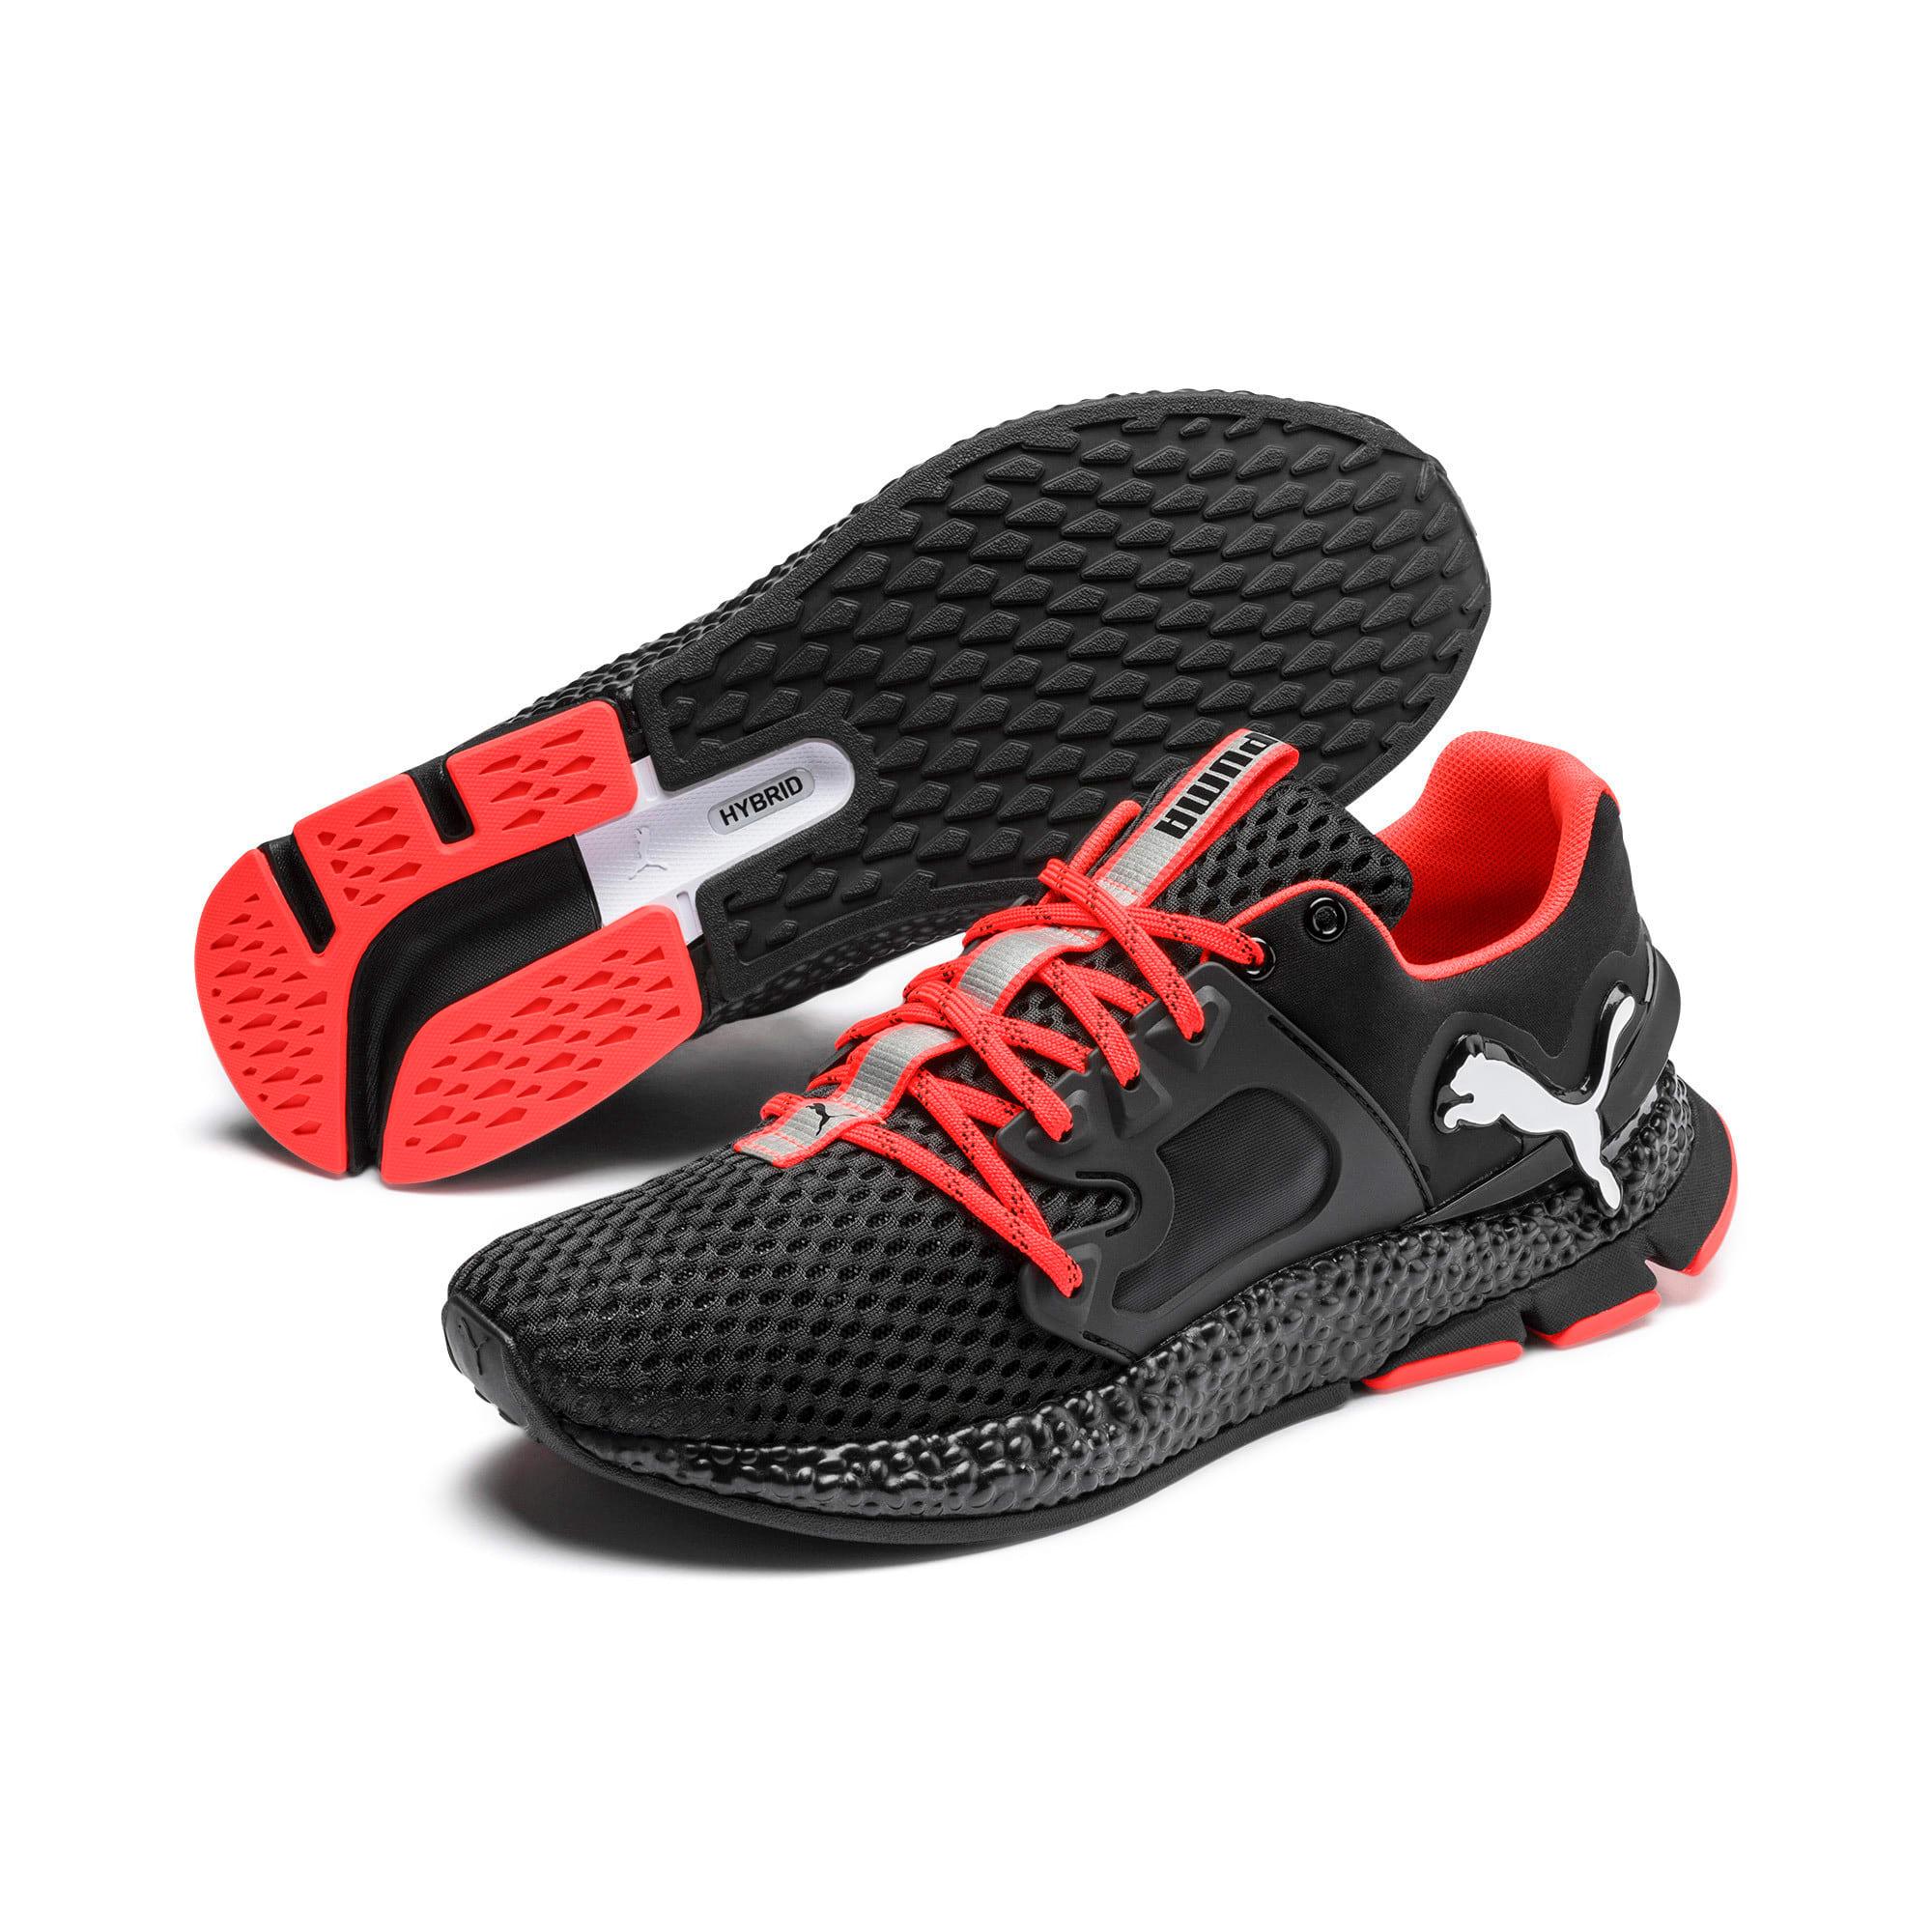 Thumbnail 3 van HYBRID Sky hardloopschoenen voor mannen, Zwart-wit-Nrgy Red, medium